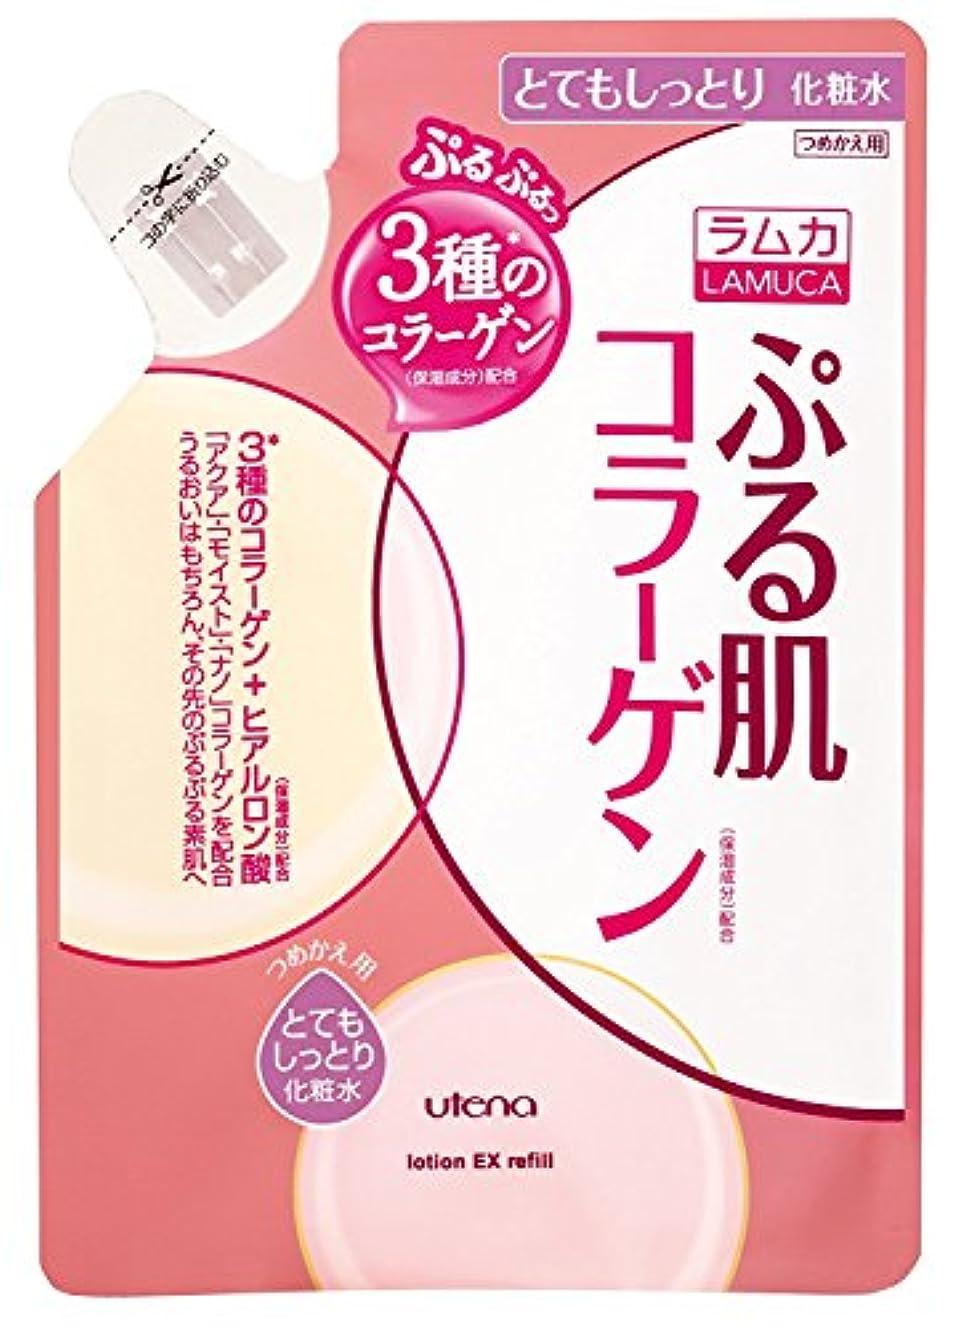 返済方法論ビル【ウテナ】ラムカ ぷる肌化粧水 とてもしっとり つめかえ用 180ml ×10個セット